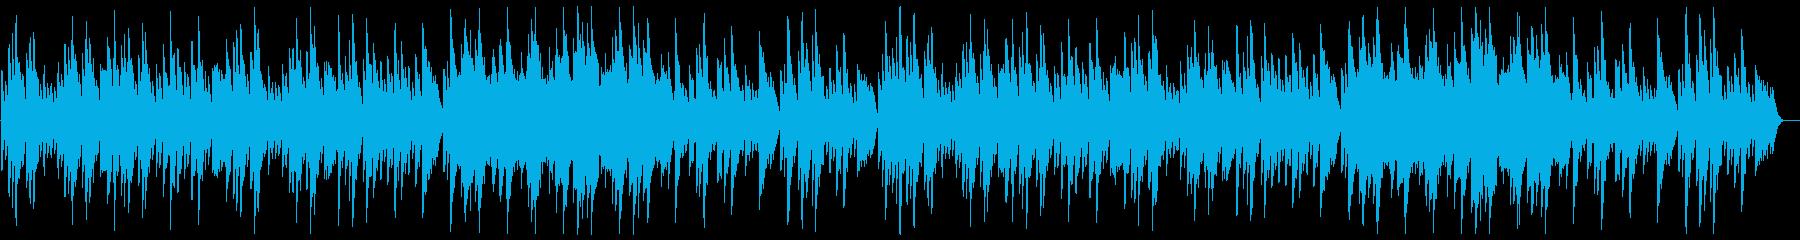 可愛いふんわりした木琴のオルゴールの曲の再生済みの波形